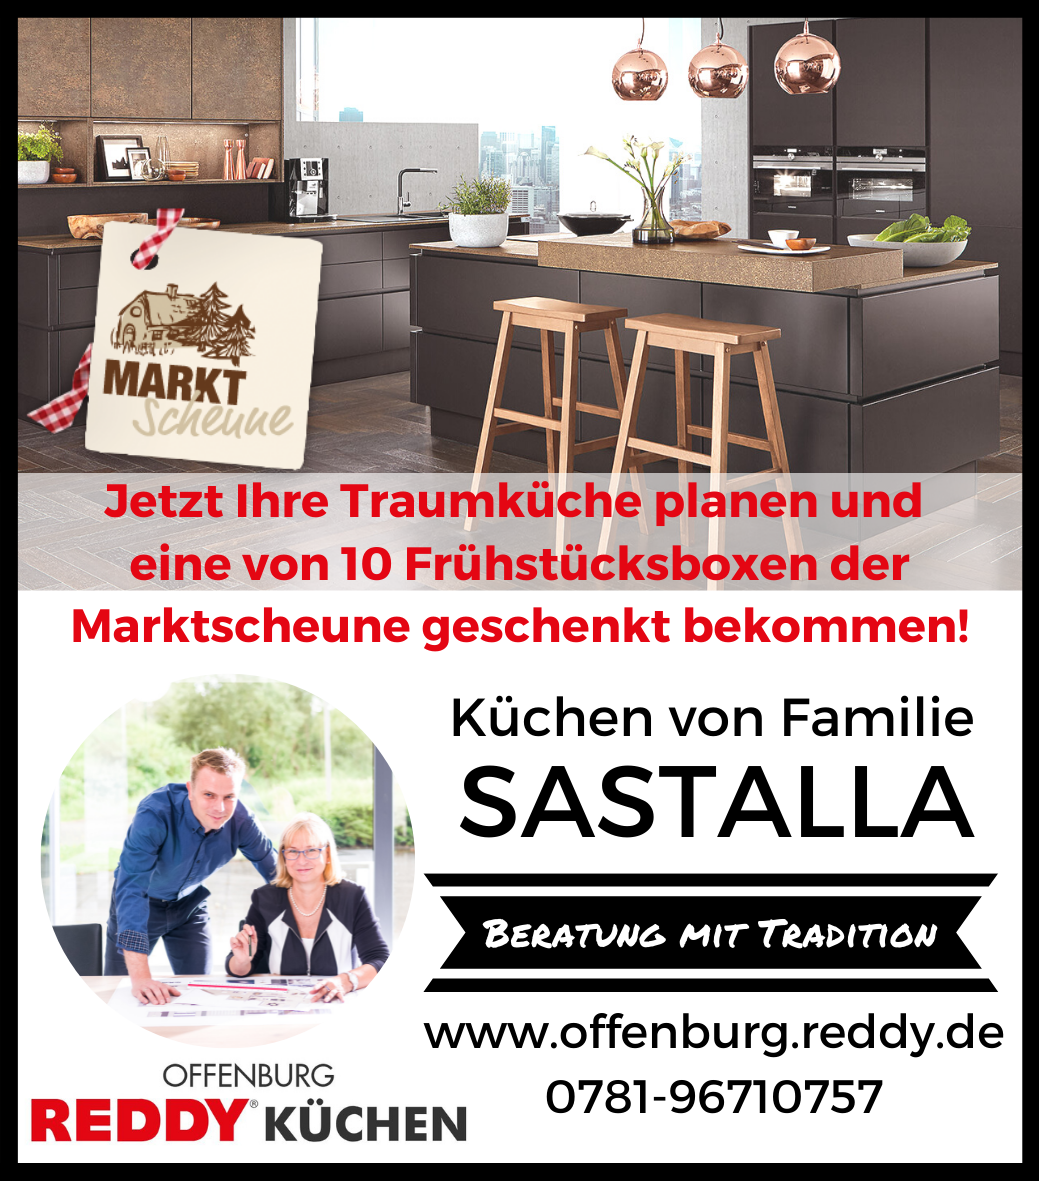 Marktscheune und REDDY_88mm x 100mmAnzeige Amtsblatt